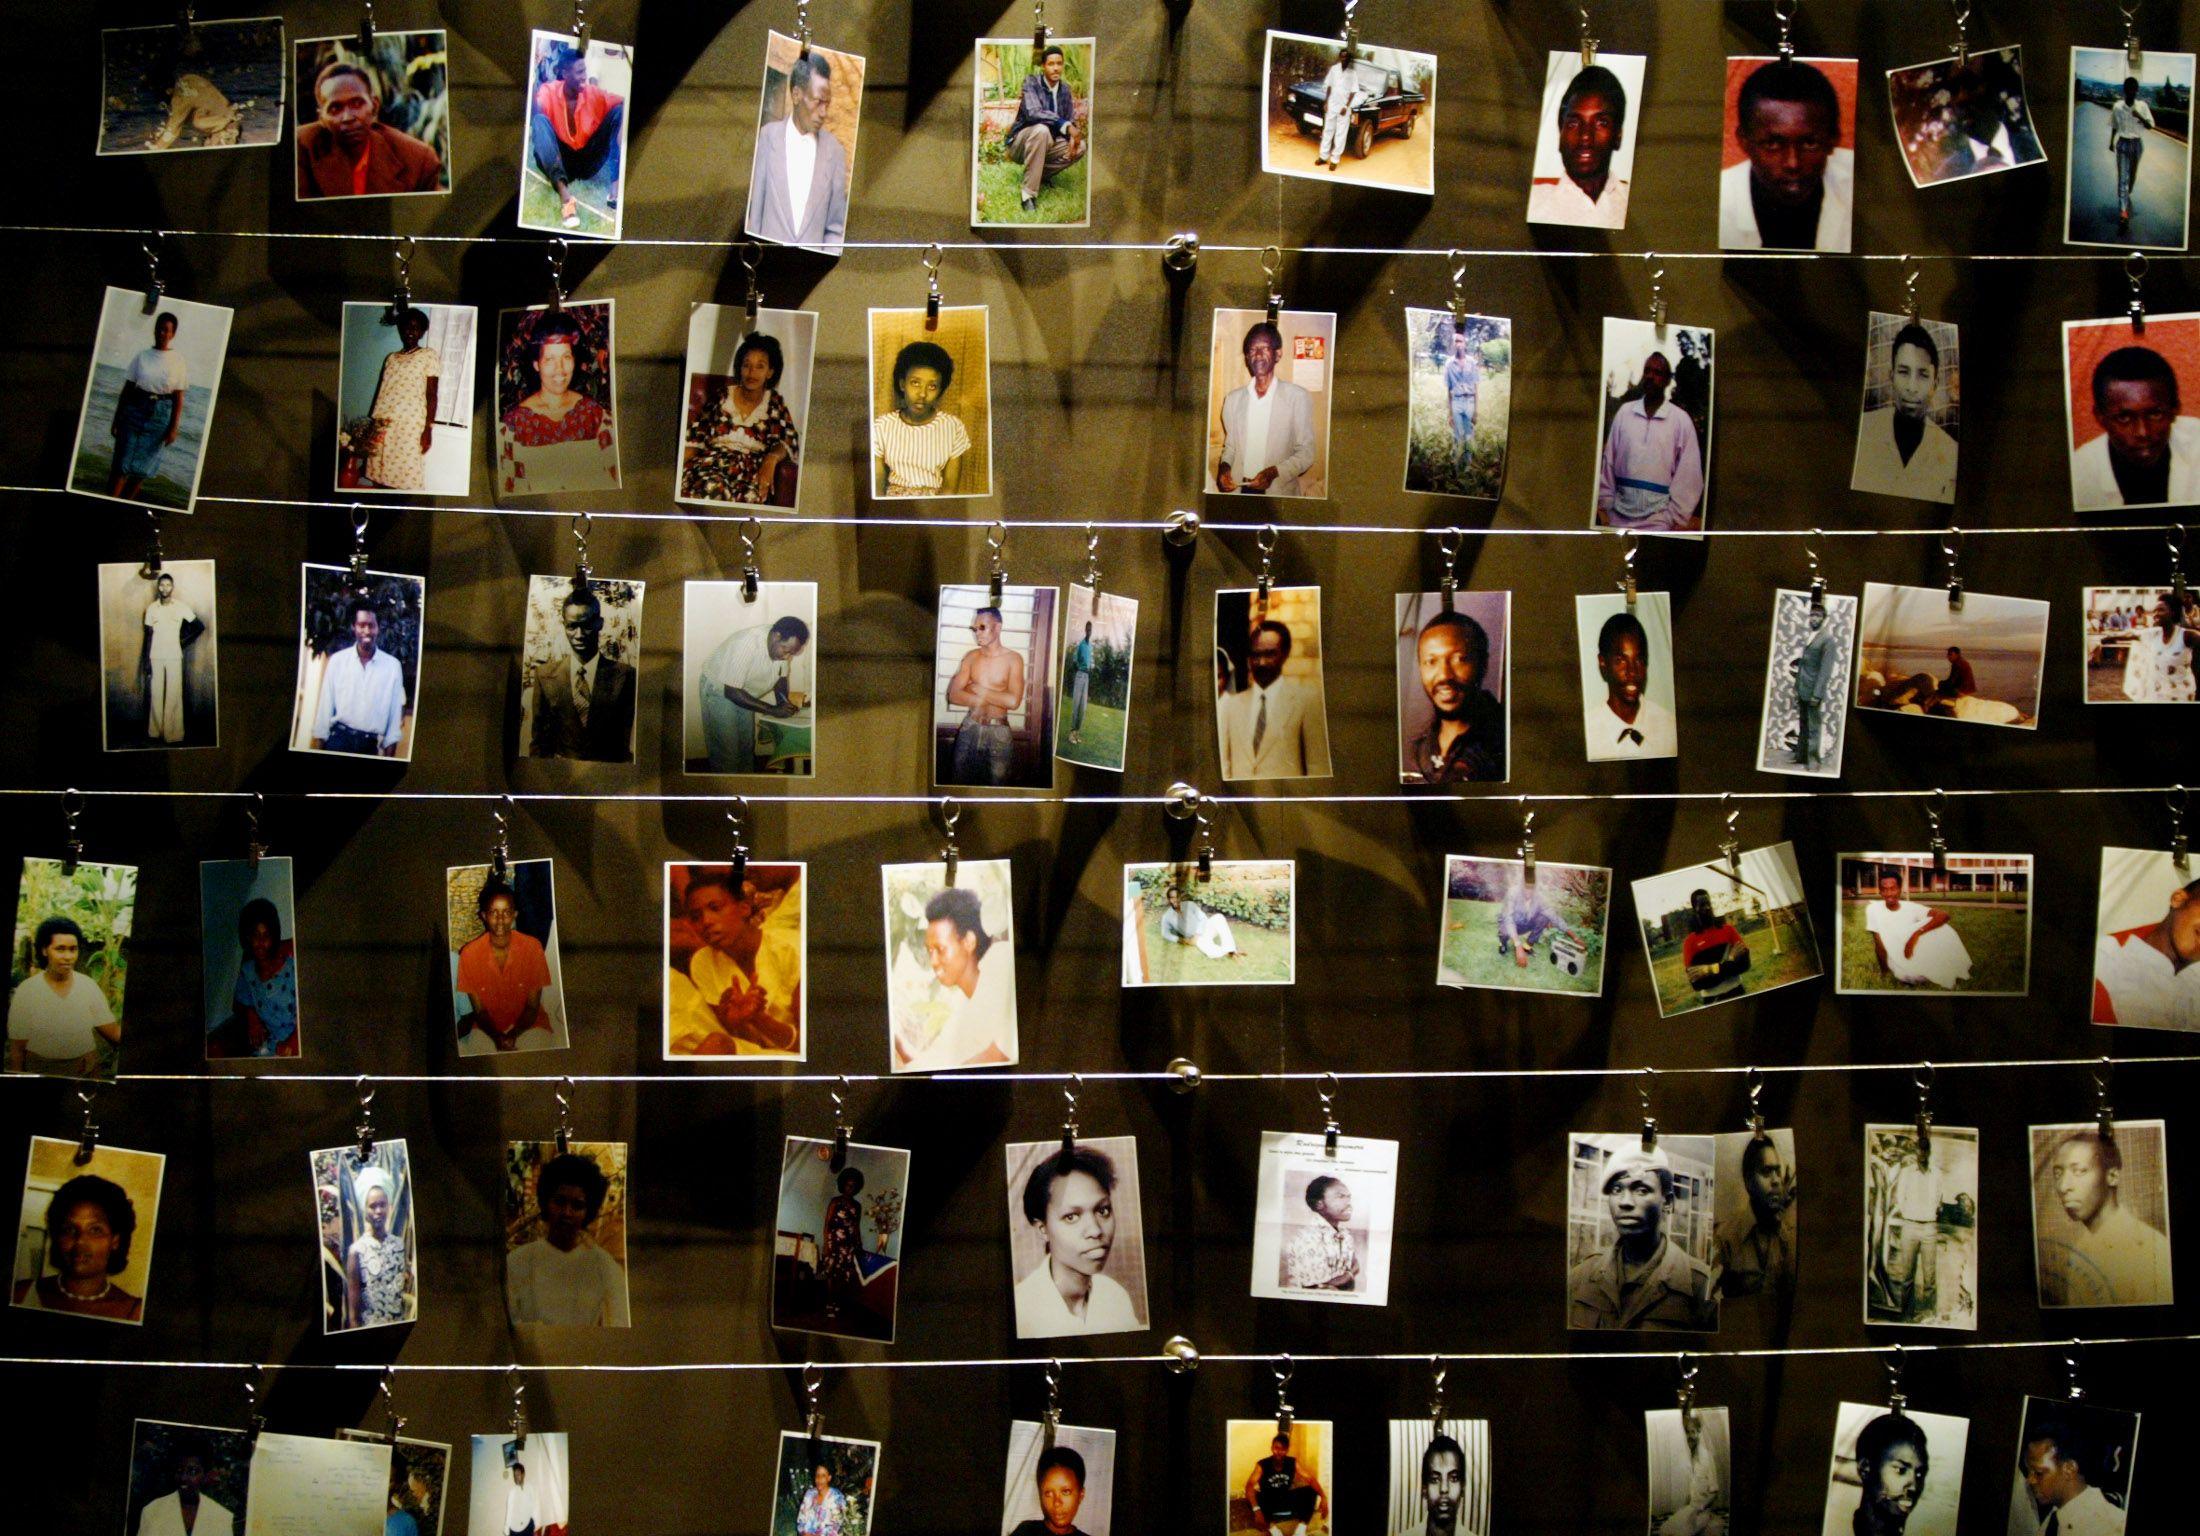 9-24-15 Rwanda memorial